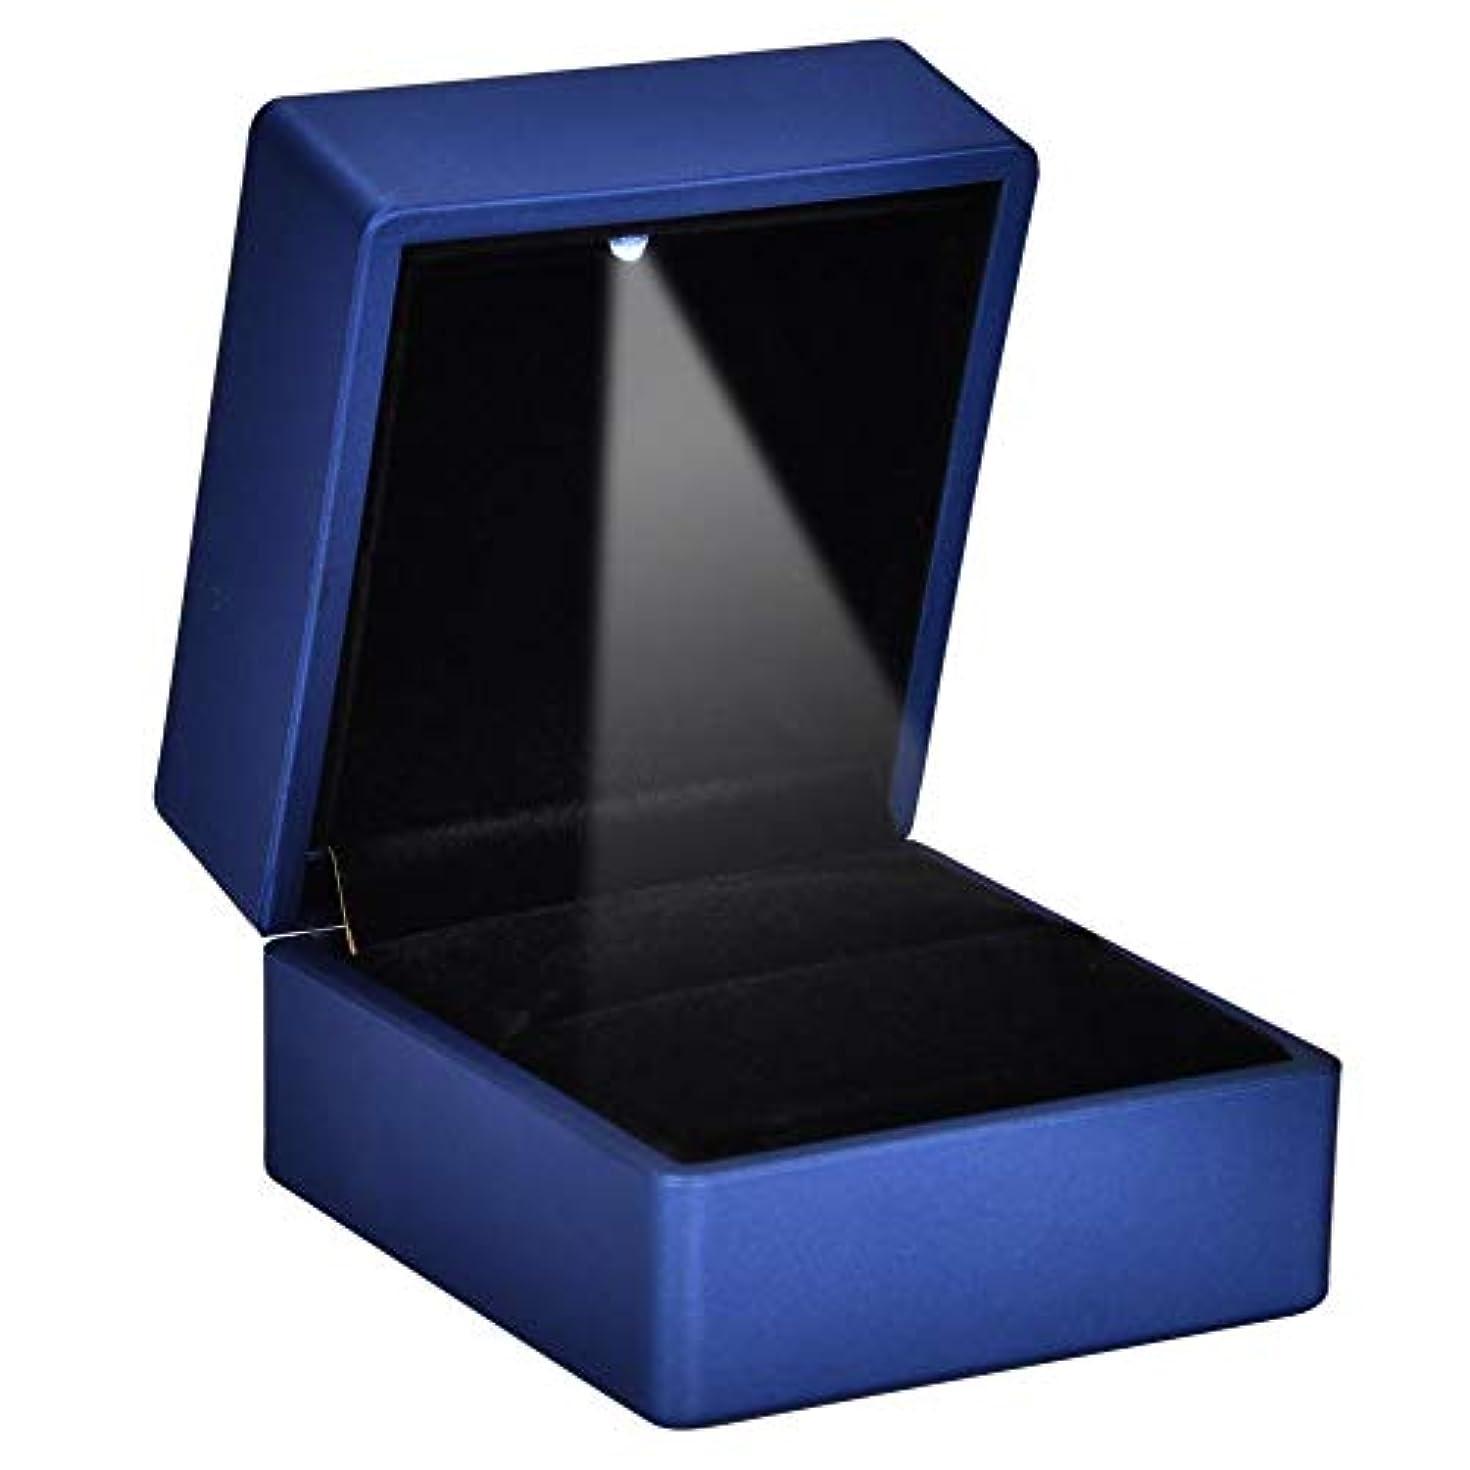 アラバマ散歩に行くインチ2種類ファッショナブルなLEDリングボックス - 内部LED照明付きリングケース、ジュエリーホルダーリング収納ケース、結婚式の提案(ブルー-90 * 70 * 35)